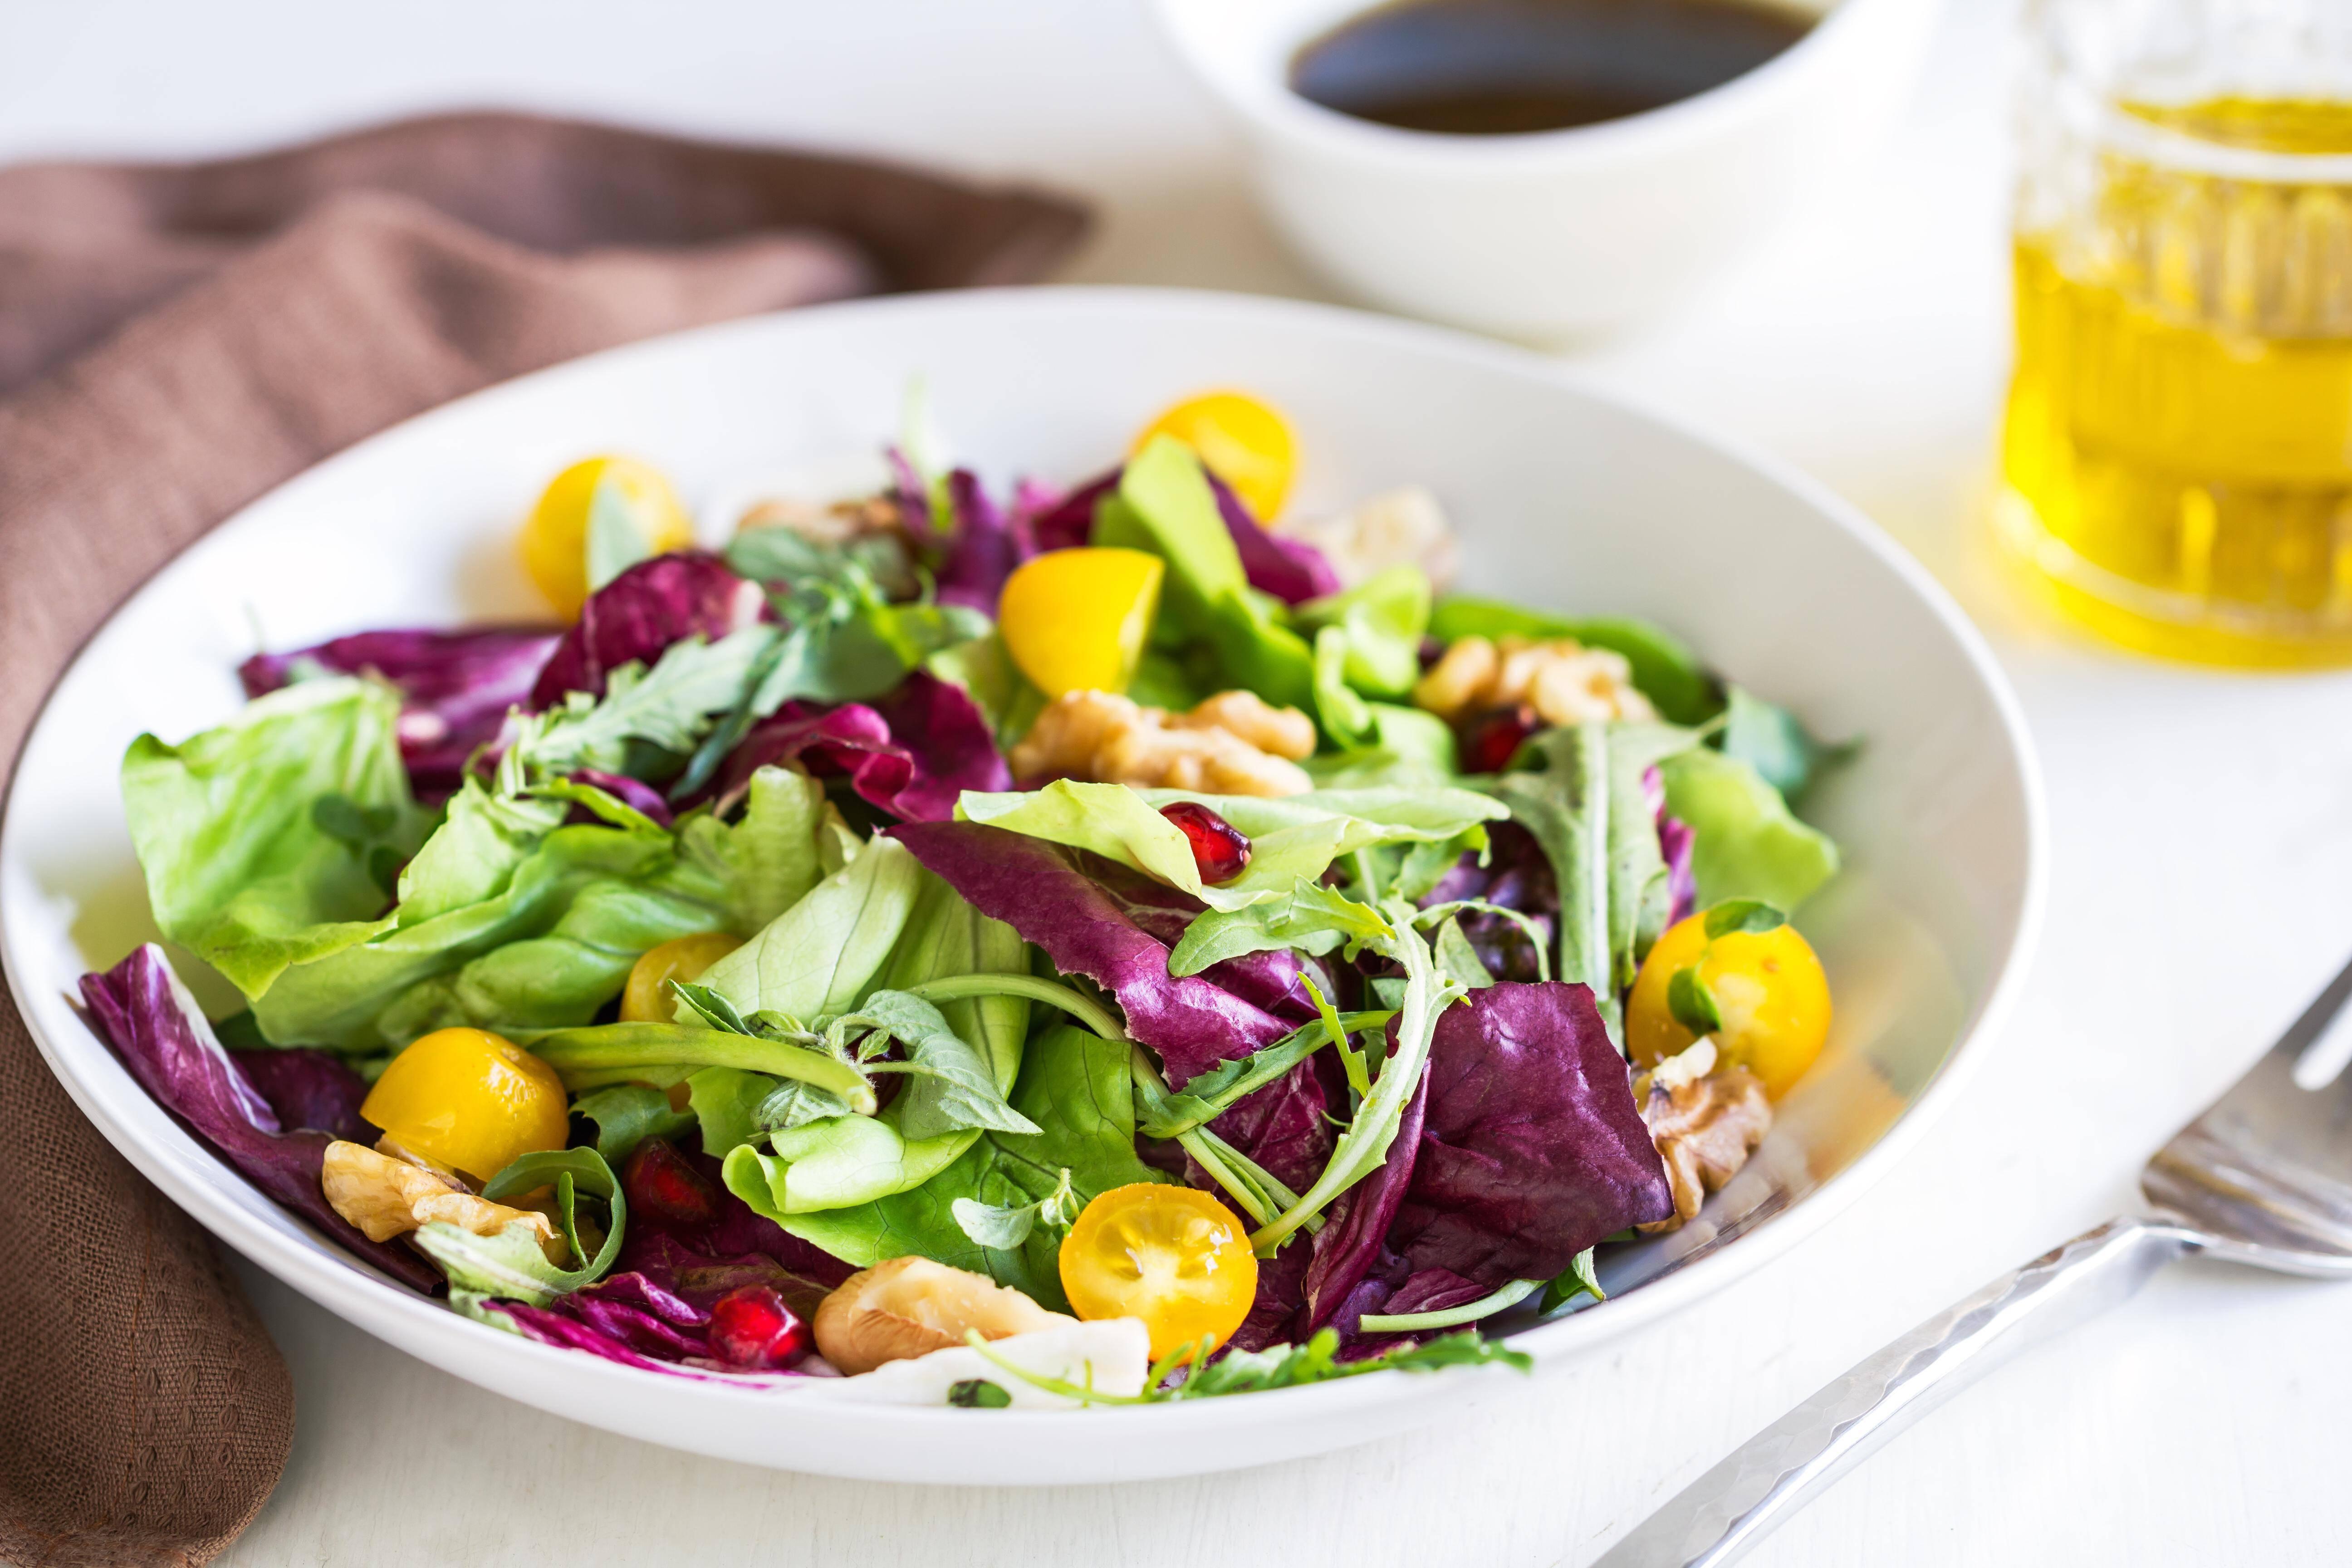 Distelöl im Salatdressing: Im Mix mit anderen Ölen ist das gesund.